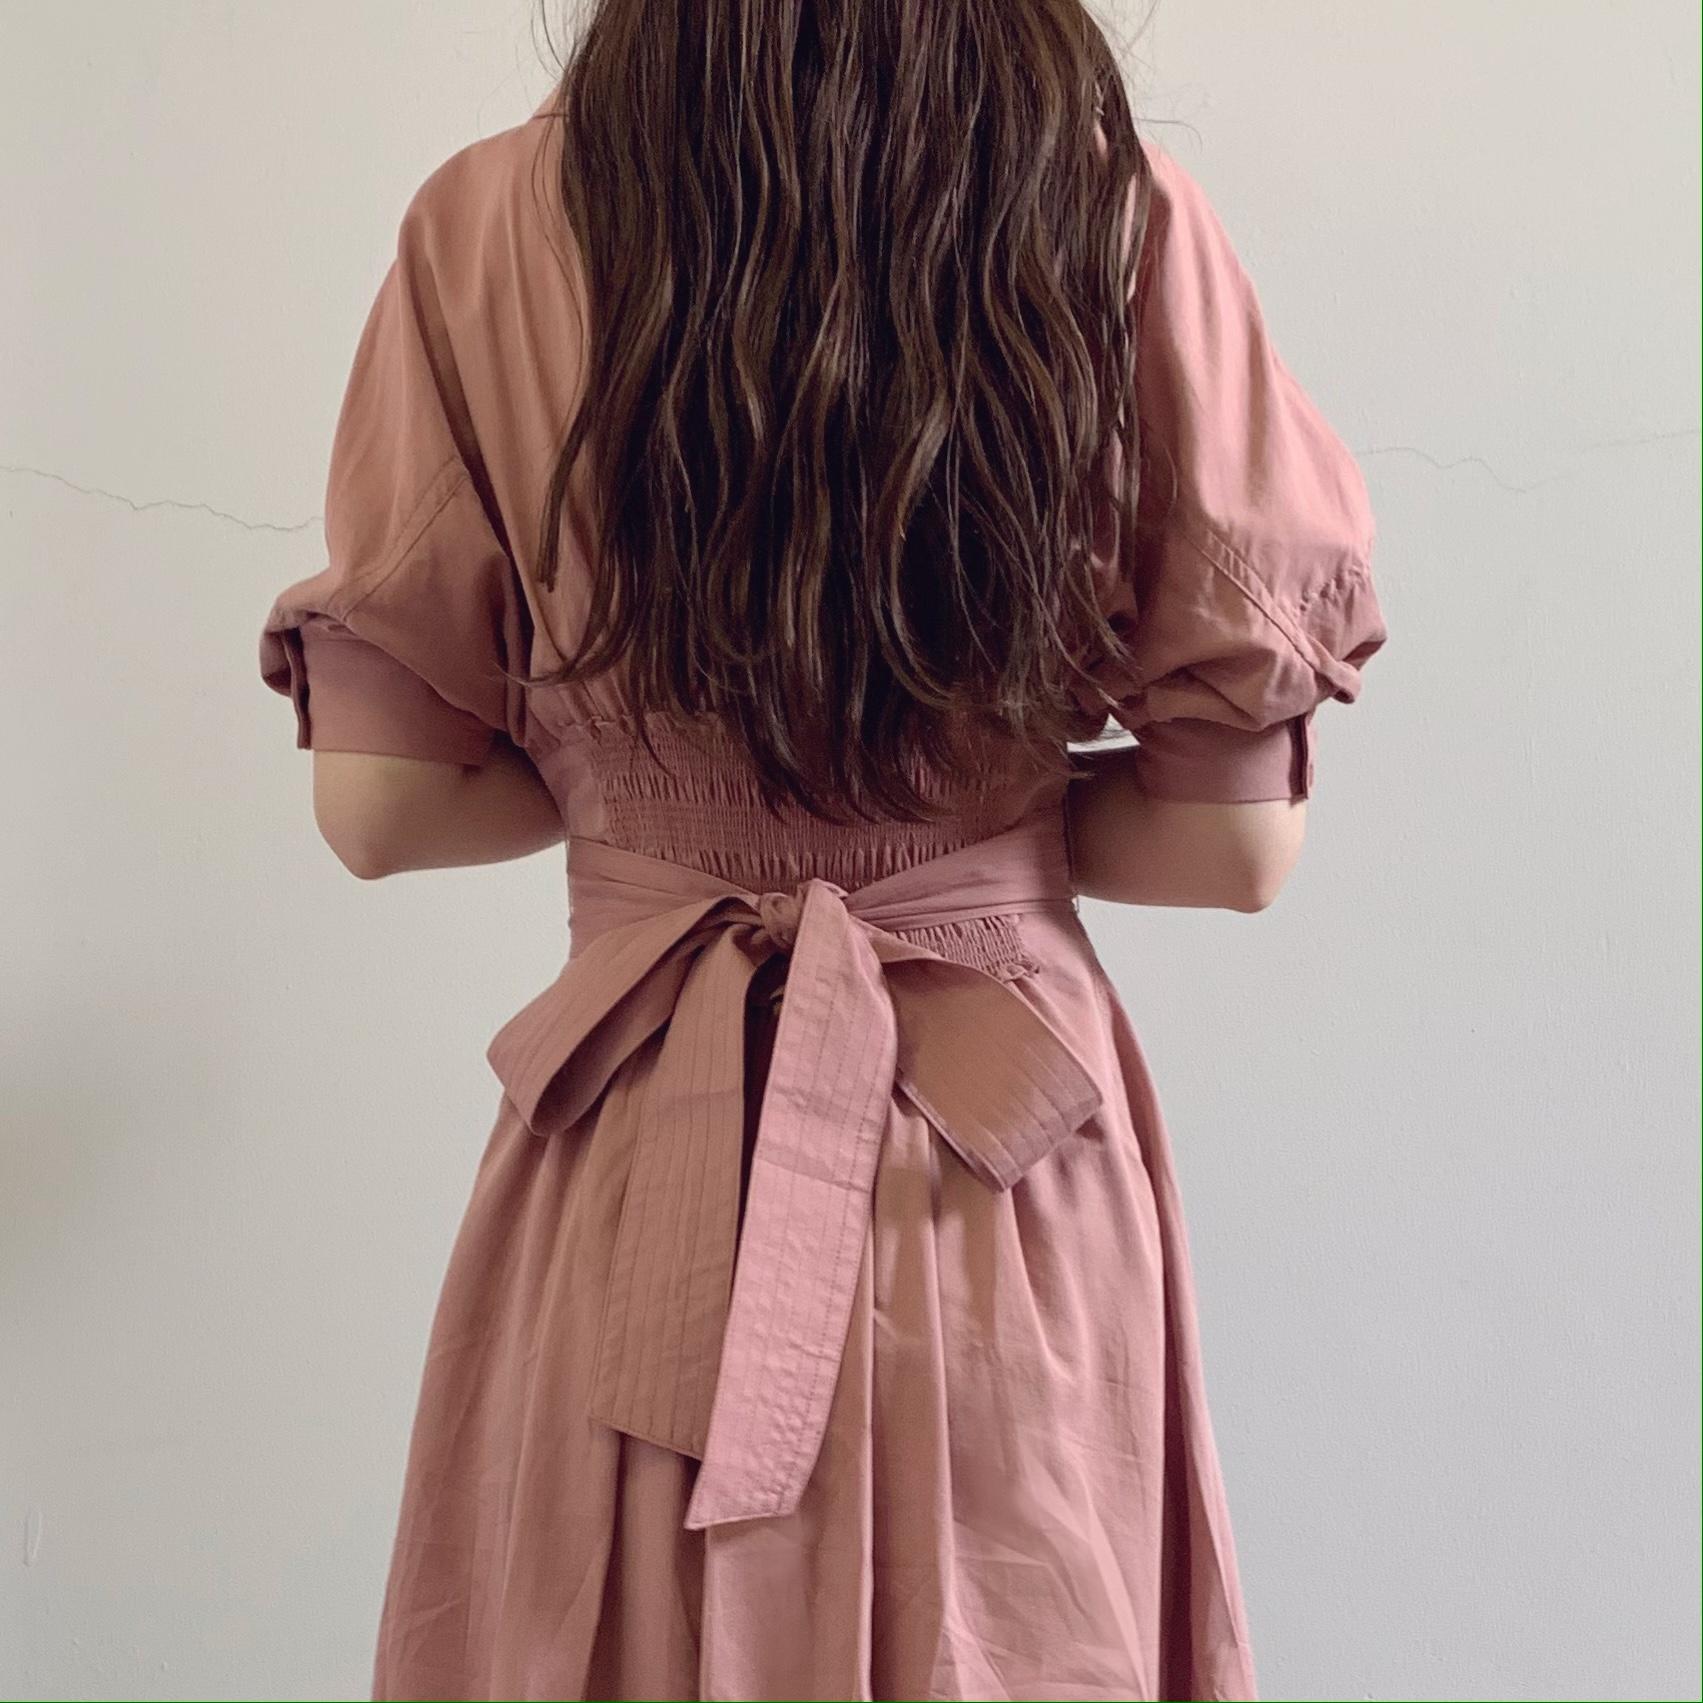 大人可愛い【SNIDEL】ピンクのロングシャツワンピース♡通勤にもデートにもおすすめ♡_2